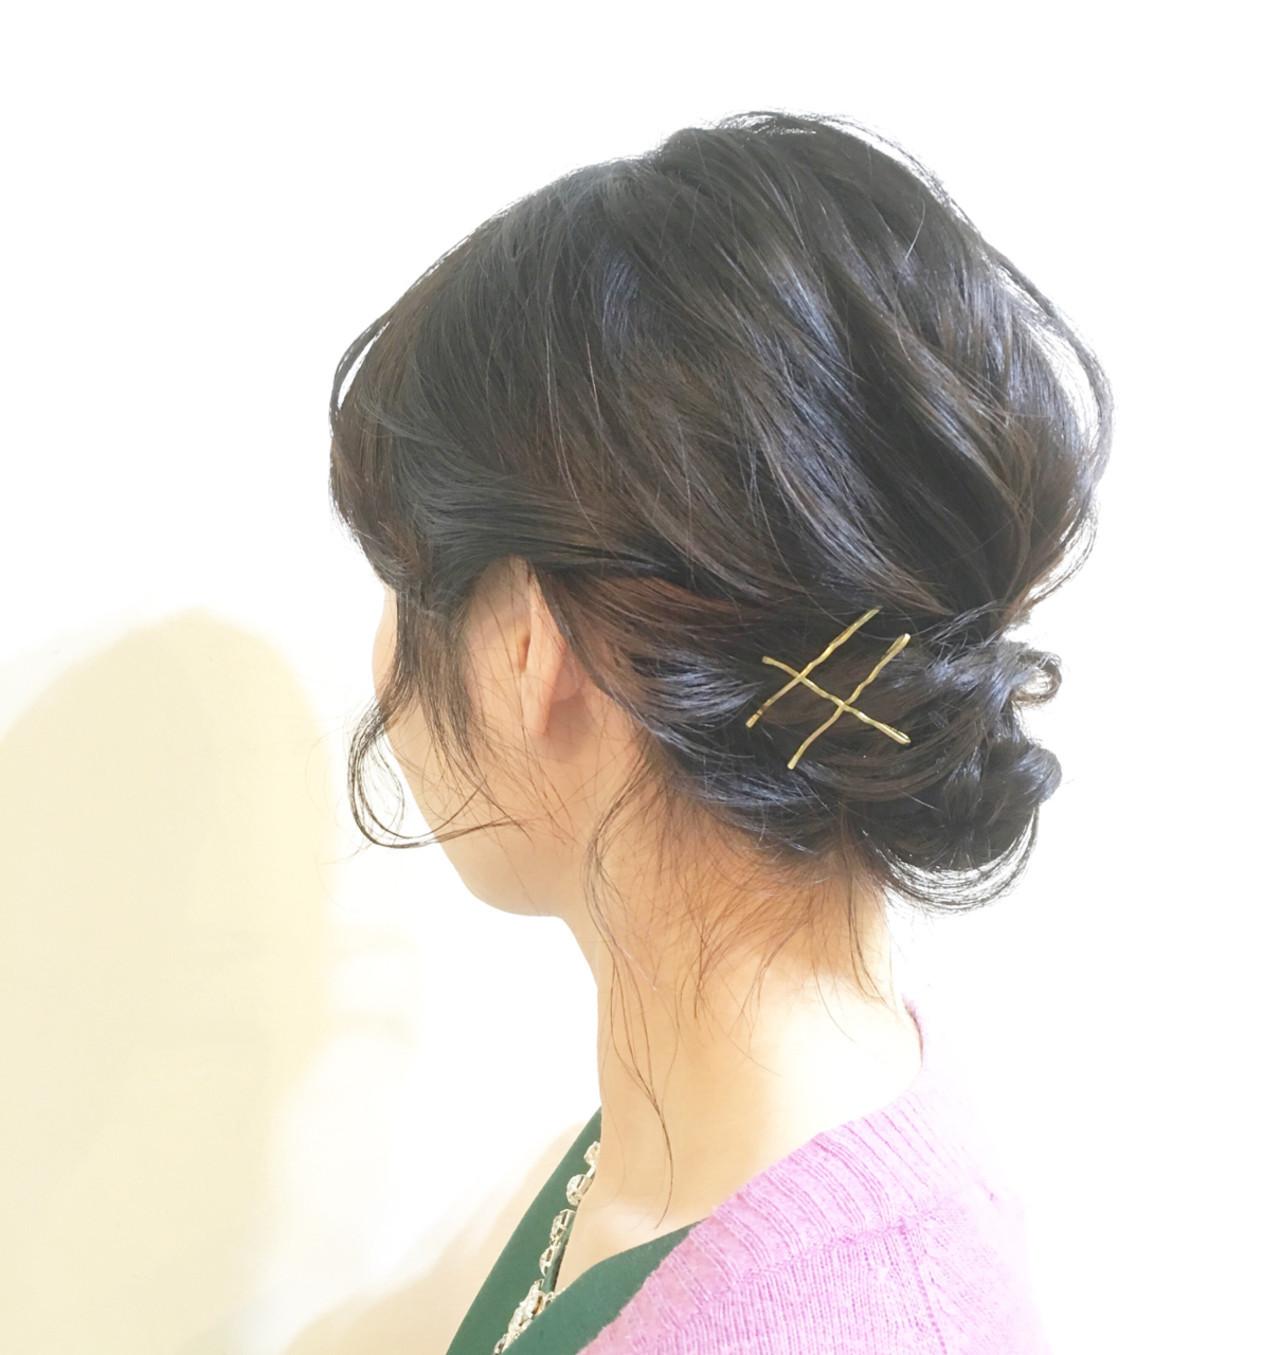 法事にはきっちりしたまとめ髪で! COM PASS タイチ